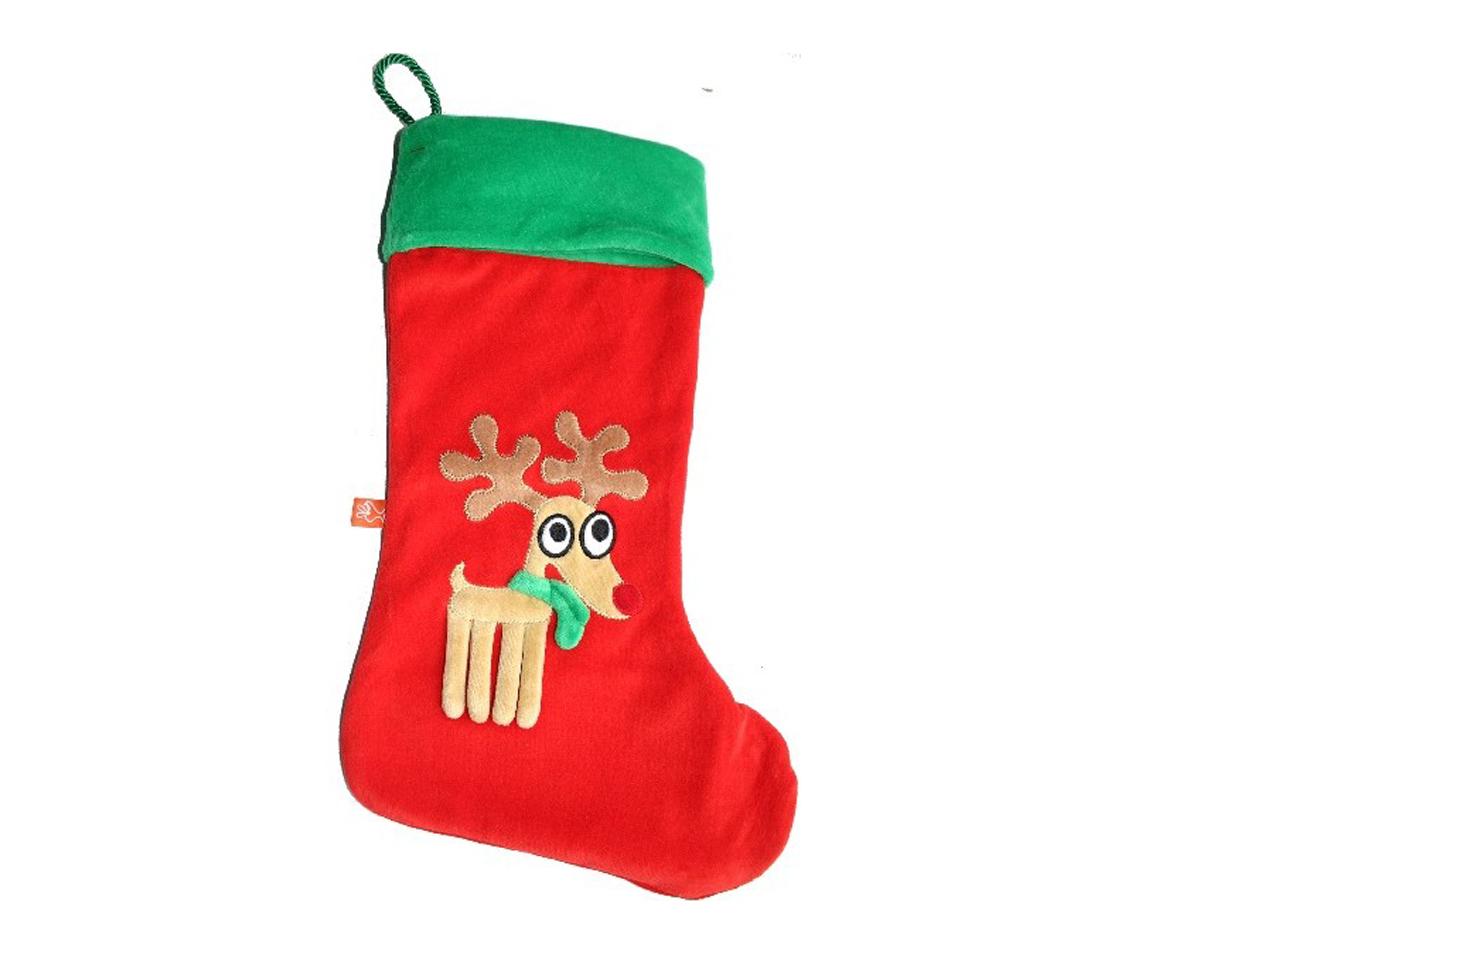 Christmas socks - Daily Cappuccino - Lifestyle Blog